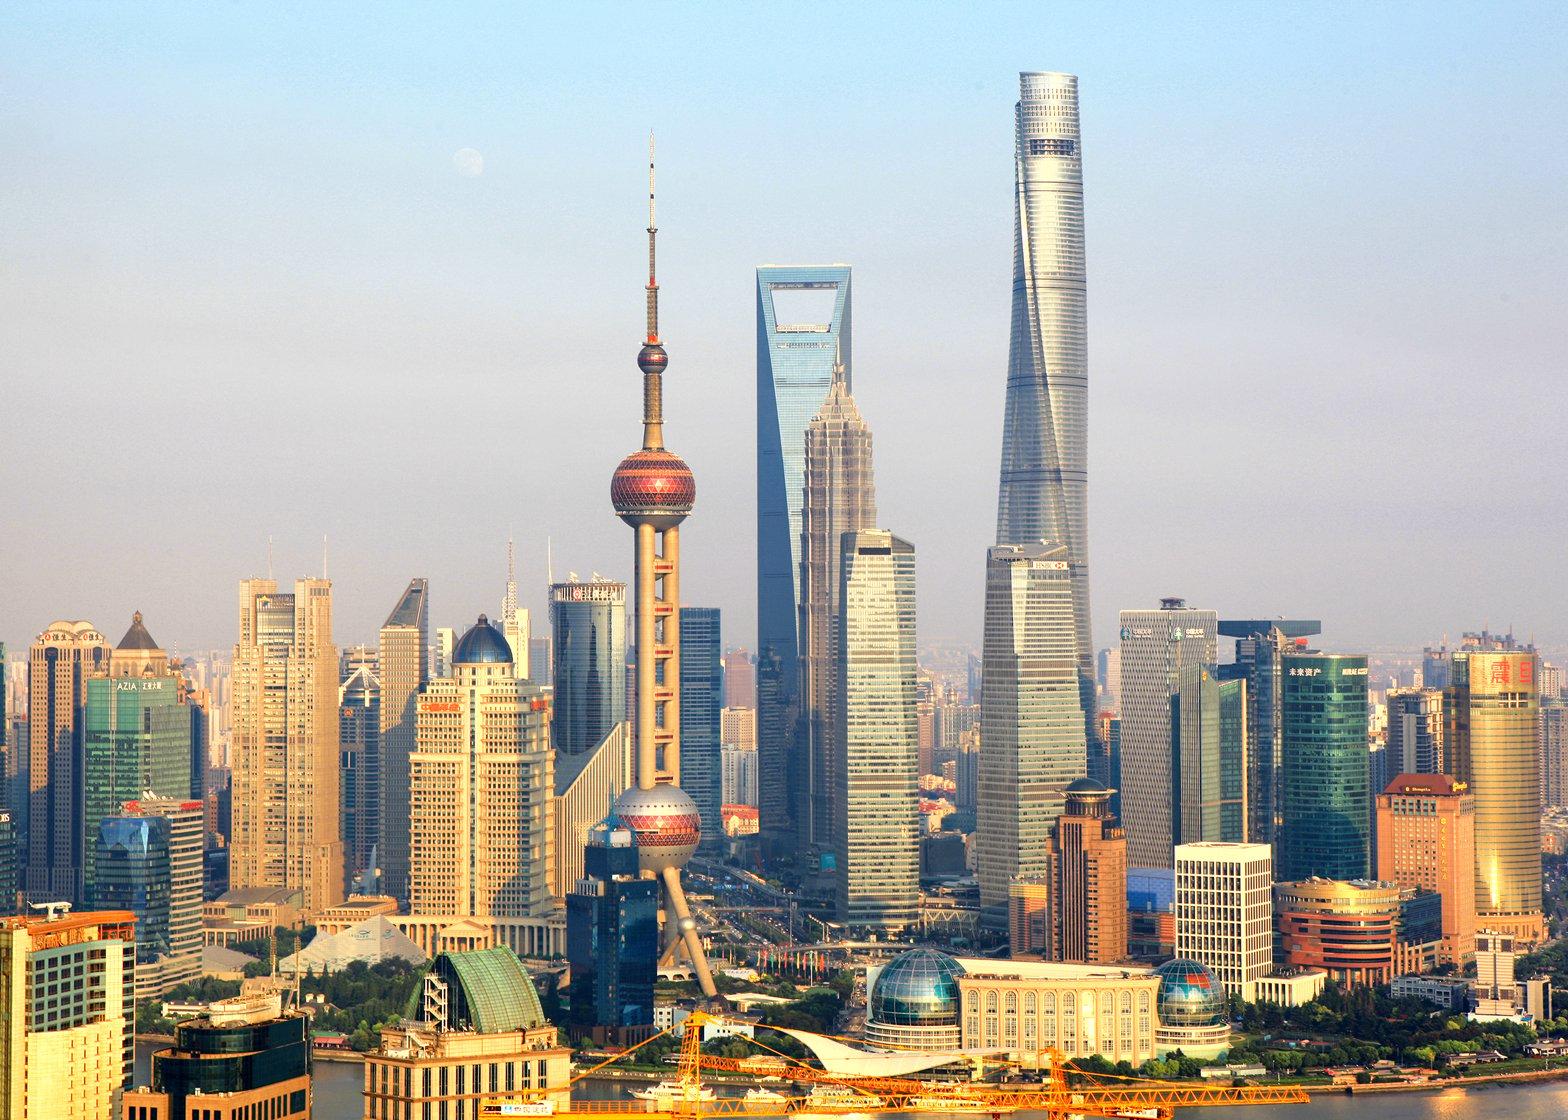 https://static.dezeen.com/uploads/2016/01/Shanghai-Tower_Gensler_dezeen_ban.jpg